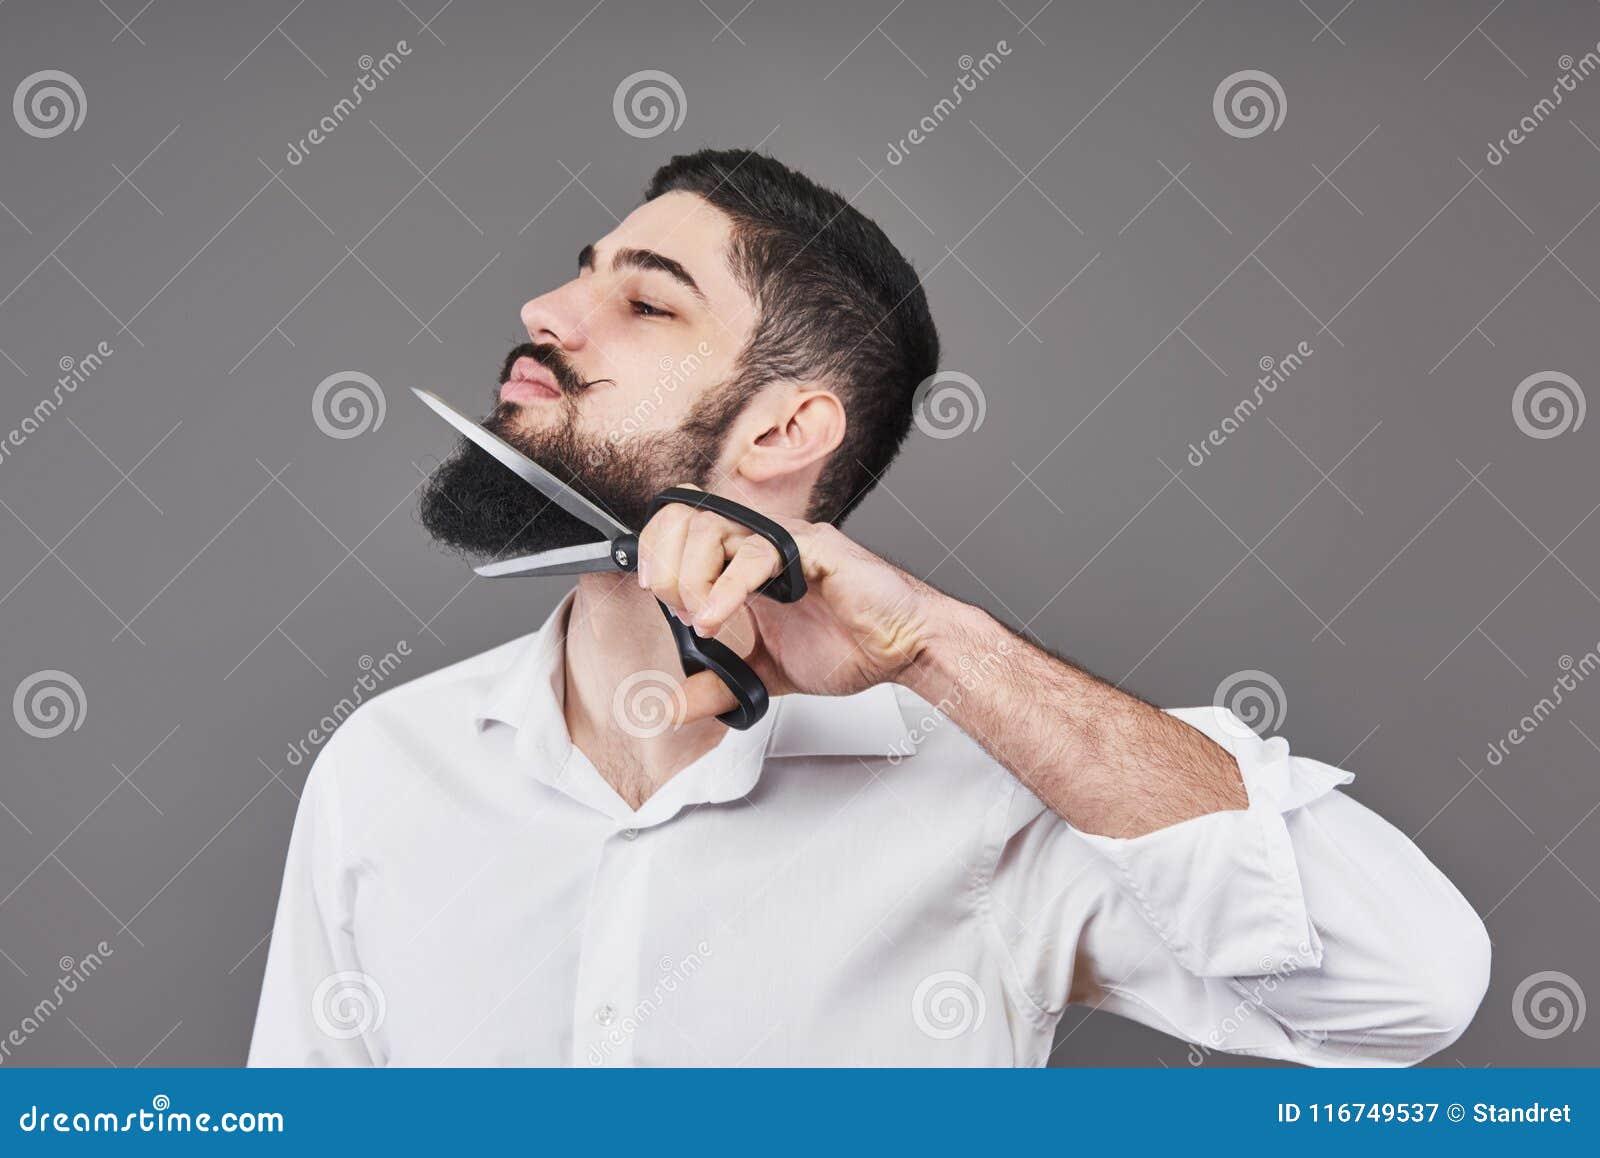 Inga mer skägg Stående av den stiliga unga mannen som klipper hans skägg med sax och ser kameran, medan stå